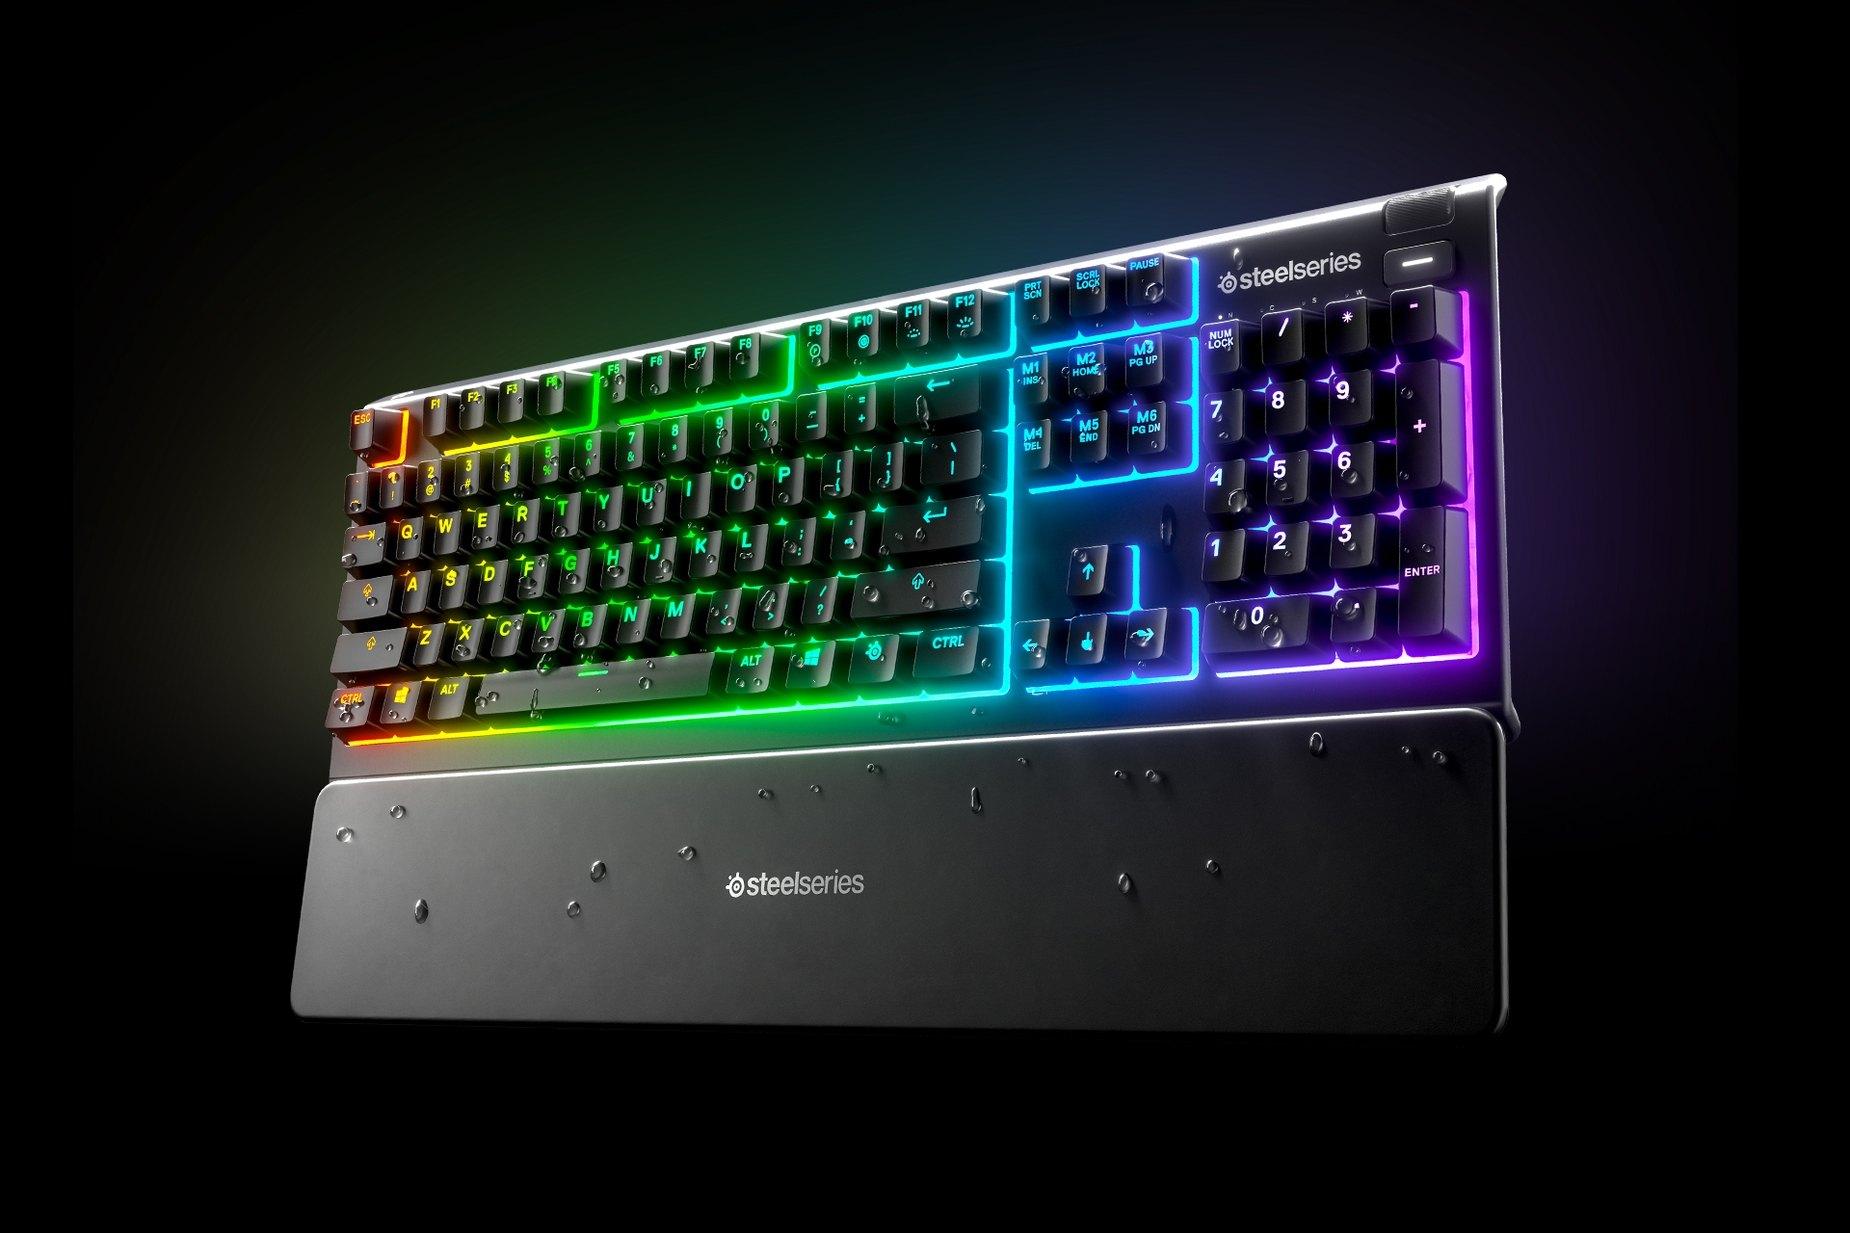 Bàn phím SteelSeries APEX 3 RGB Water Resistant Whisper-Quiet Switches Gaming Black có khả năng chống nước tốt